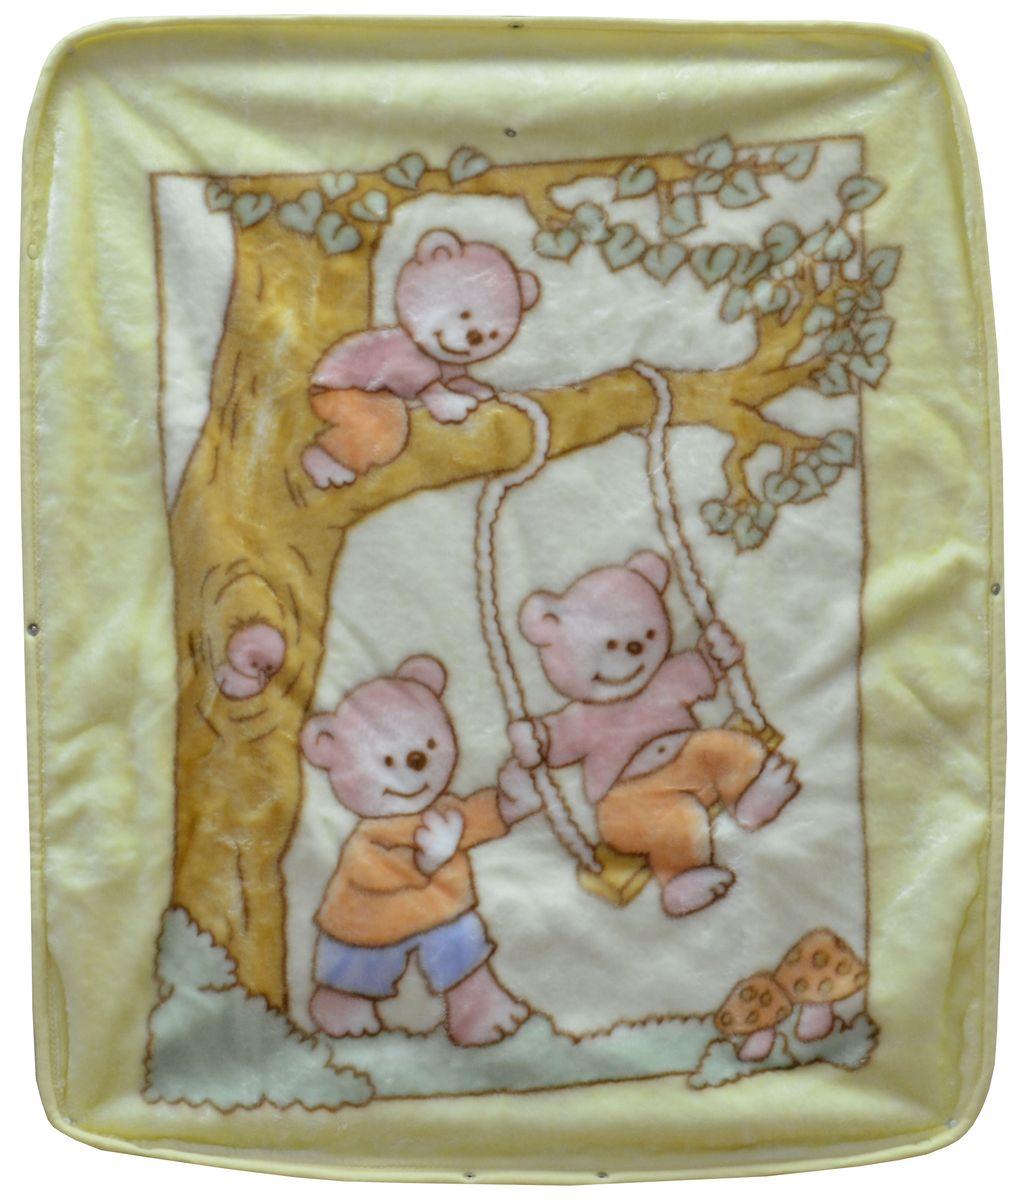 Bonne Fee Плед-накидка для младенцев на молнии 1, 80 х 90 см, цвет: желтый520313Плед-накидка для младенцев на молнии Bonne Fee - защита, тепло и комфорт для малышей - использован надёжный, качественный и мягкий материал! Удобство и спокойствие для родителей обеспечивается универсальностью пледа-накидки, конструкция которого позволяет ему легко превращаться в конвертик. Отличное качество и практичность! Любите своего ребёнка и дарите ему лучшее!